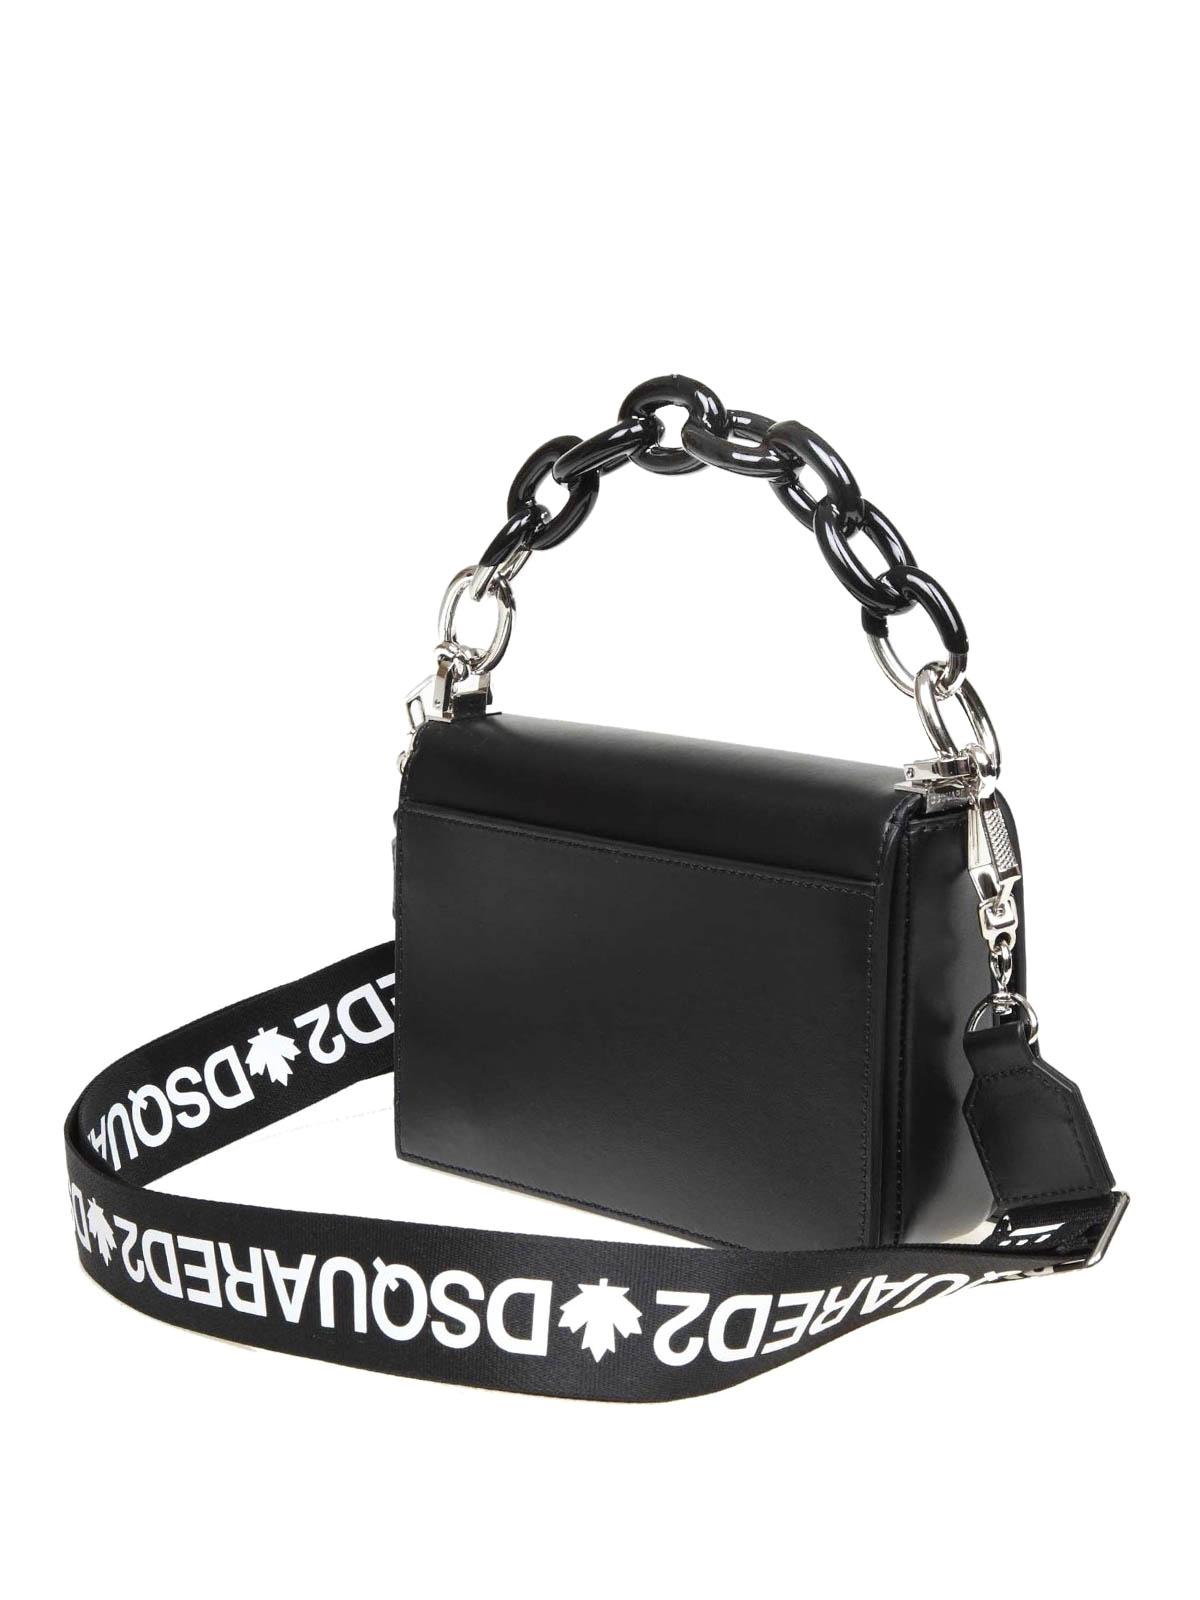 nuovo prodotto e717a 2eeaa Dsquared2 - Piccola borsa in pelle nera con logo D2 - borse ...